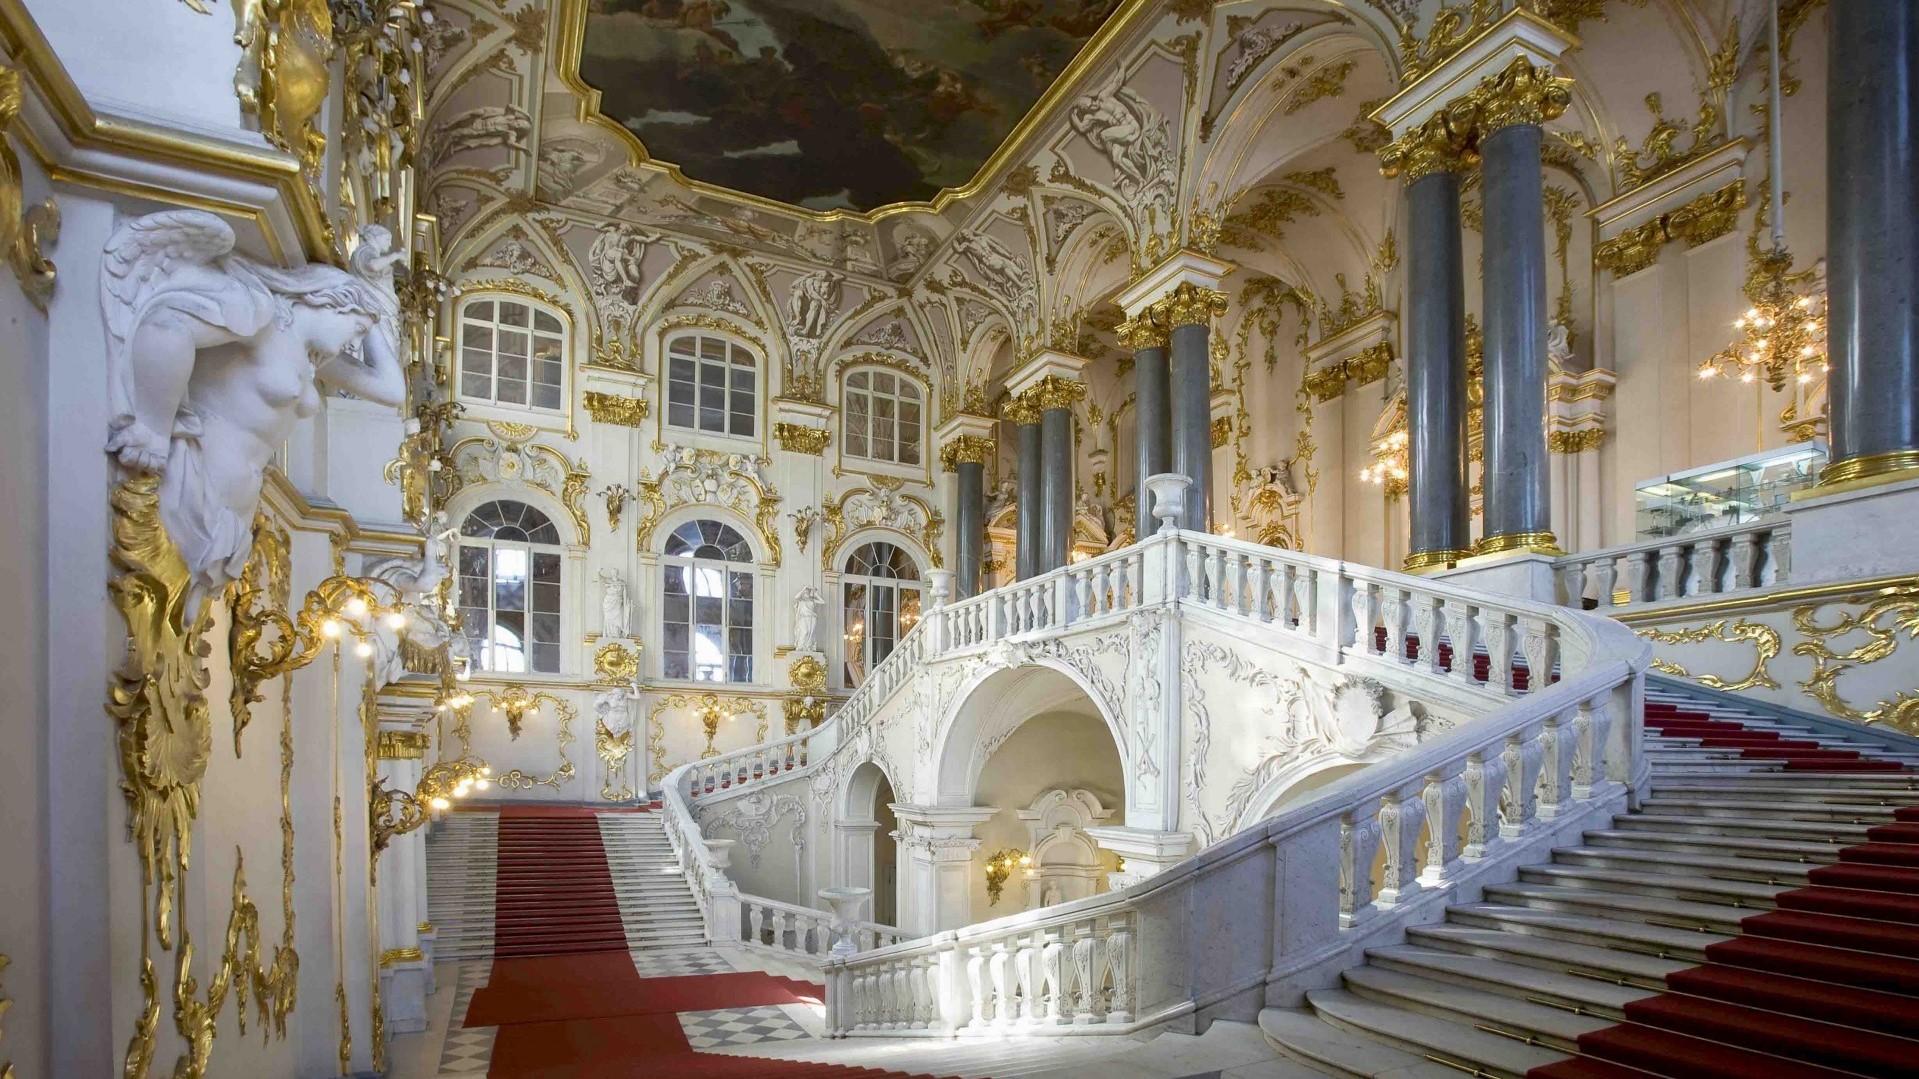 St. Petersburg, the State Hermitage Museum (Jordan Staircase)